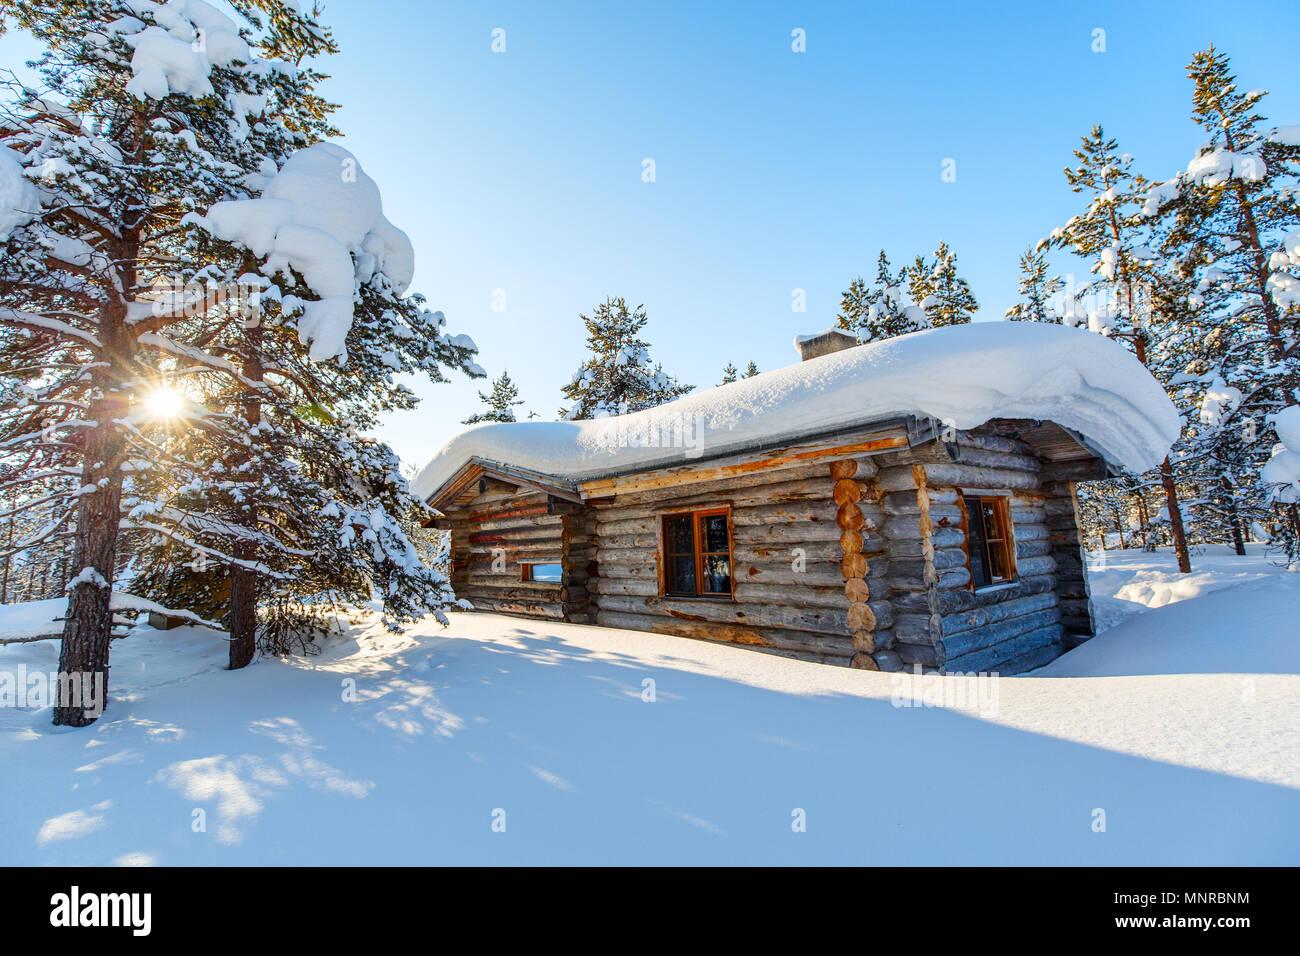 Paisaje invernal con cabaña de madera y árboles cubiertos de nieve Foto de stock